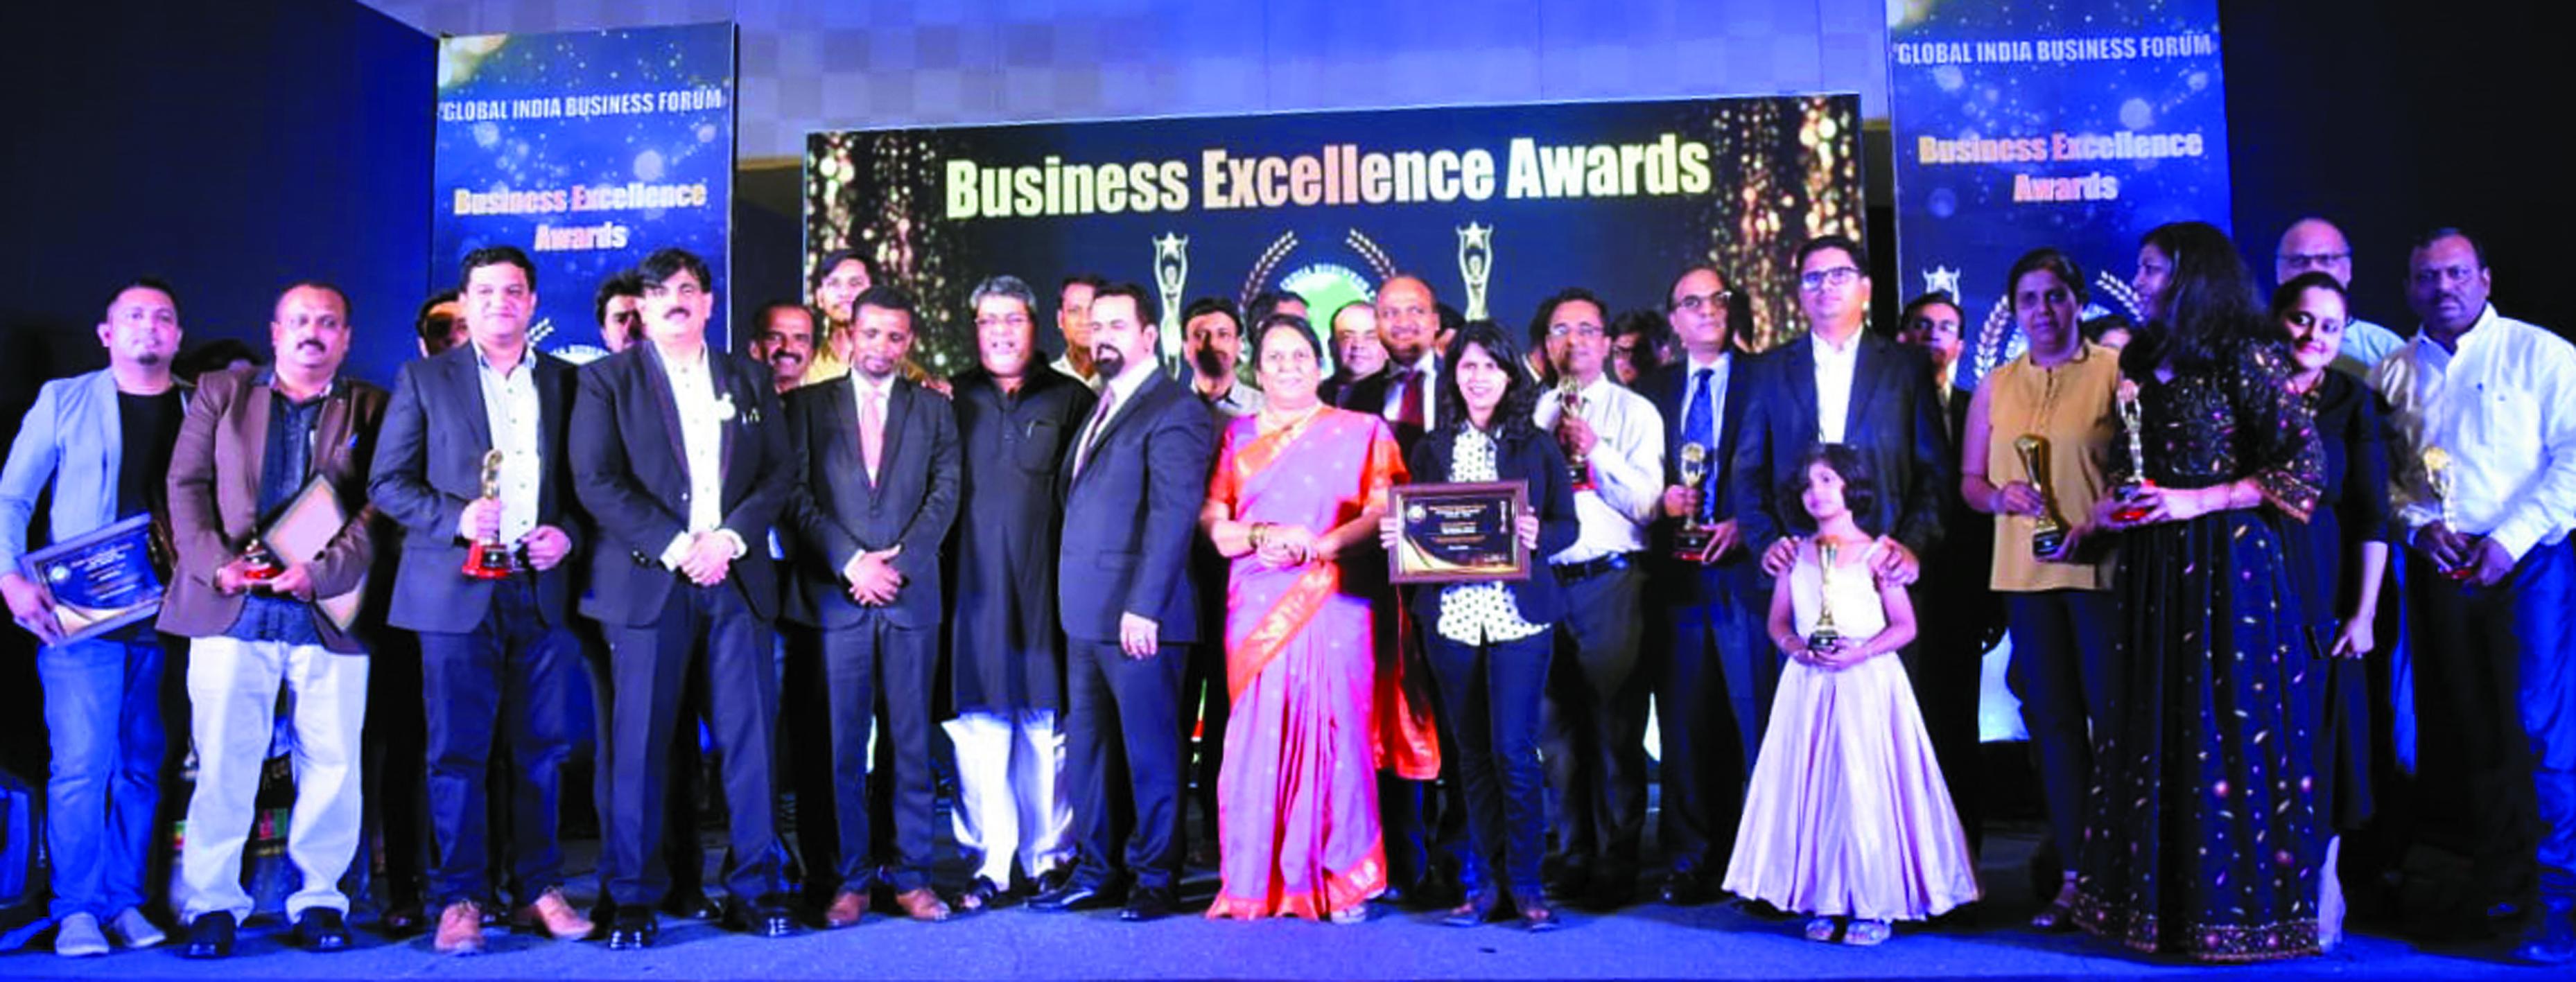 भारतीय उद्योजकांनी अफगाणिस्तानात उद्योग उभारावेत; नसीम शरीफी यांचे आवाहन